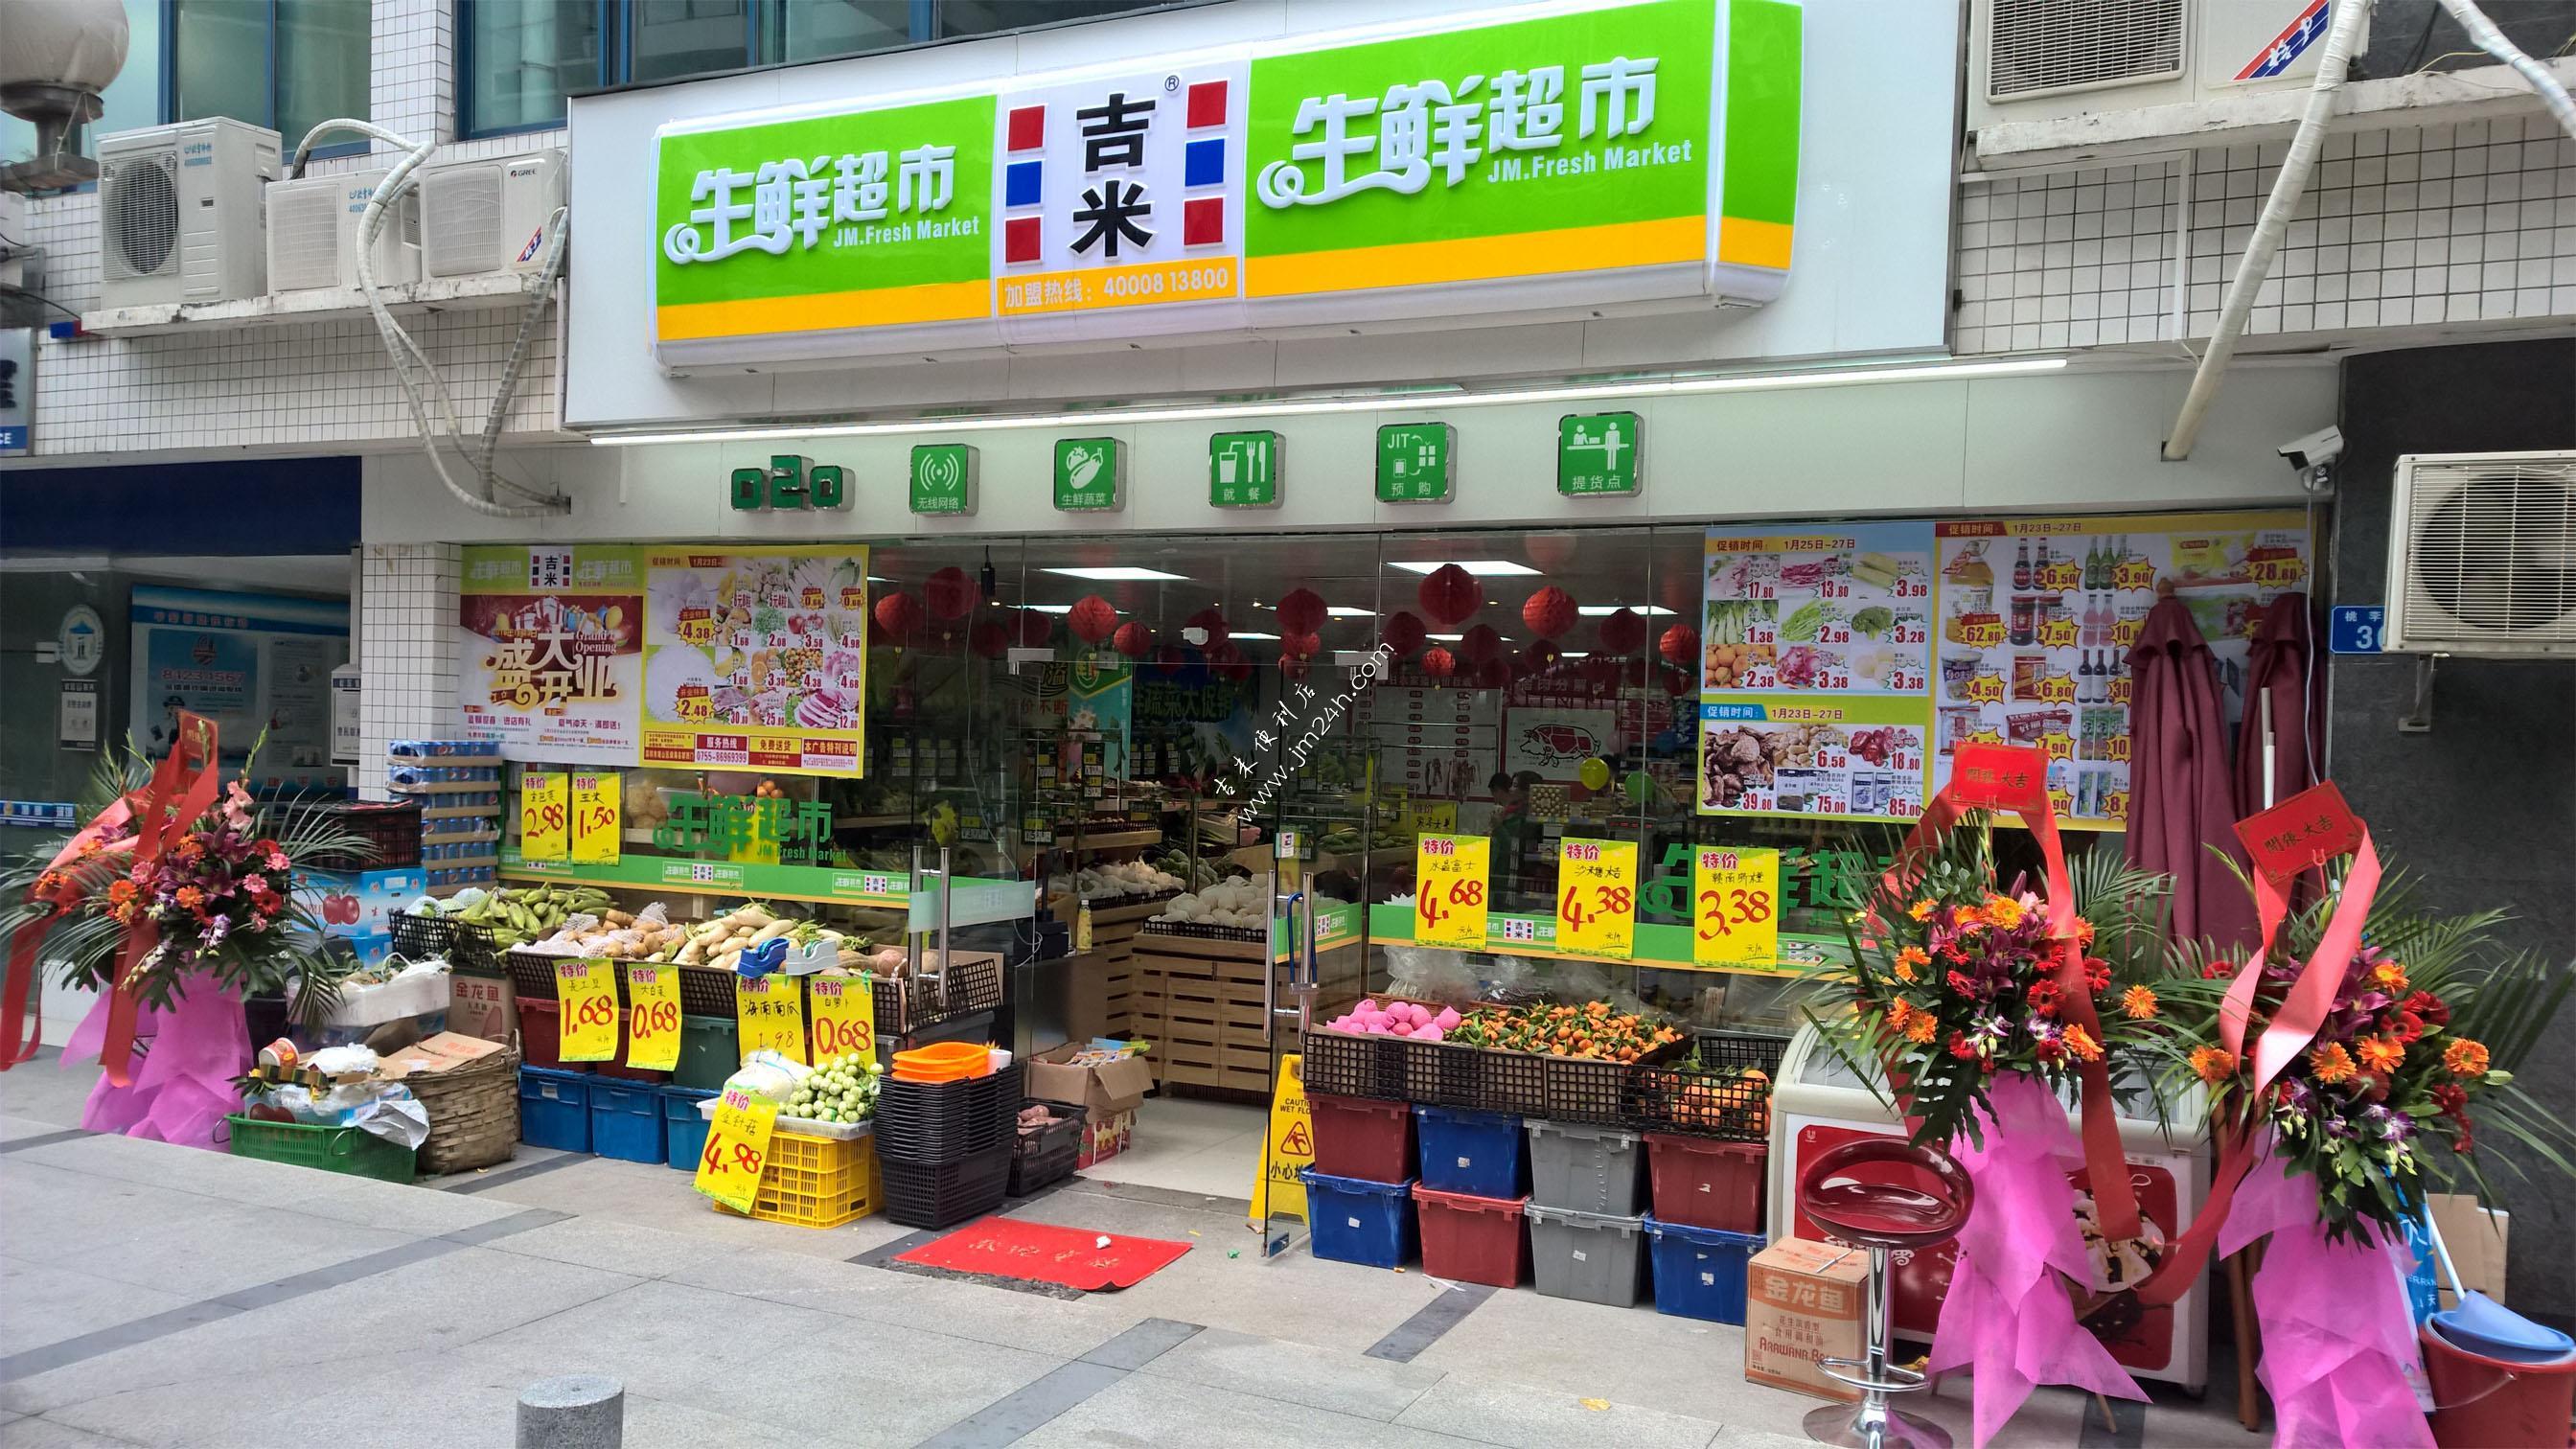 生鮮超市 成為 新零售 布局重點